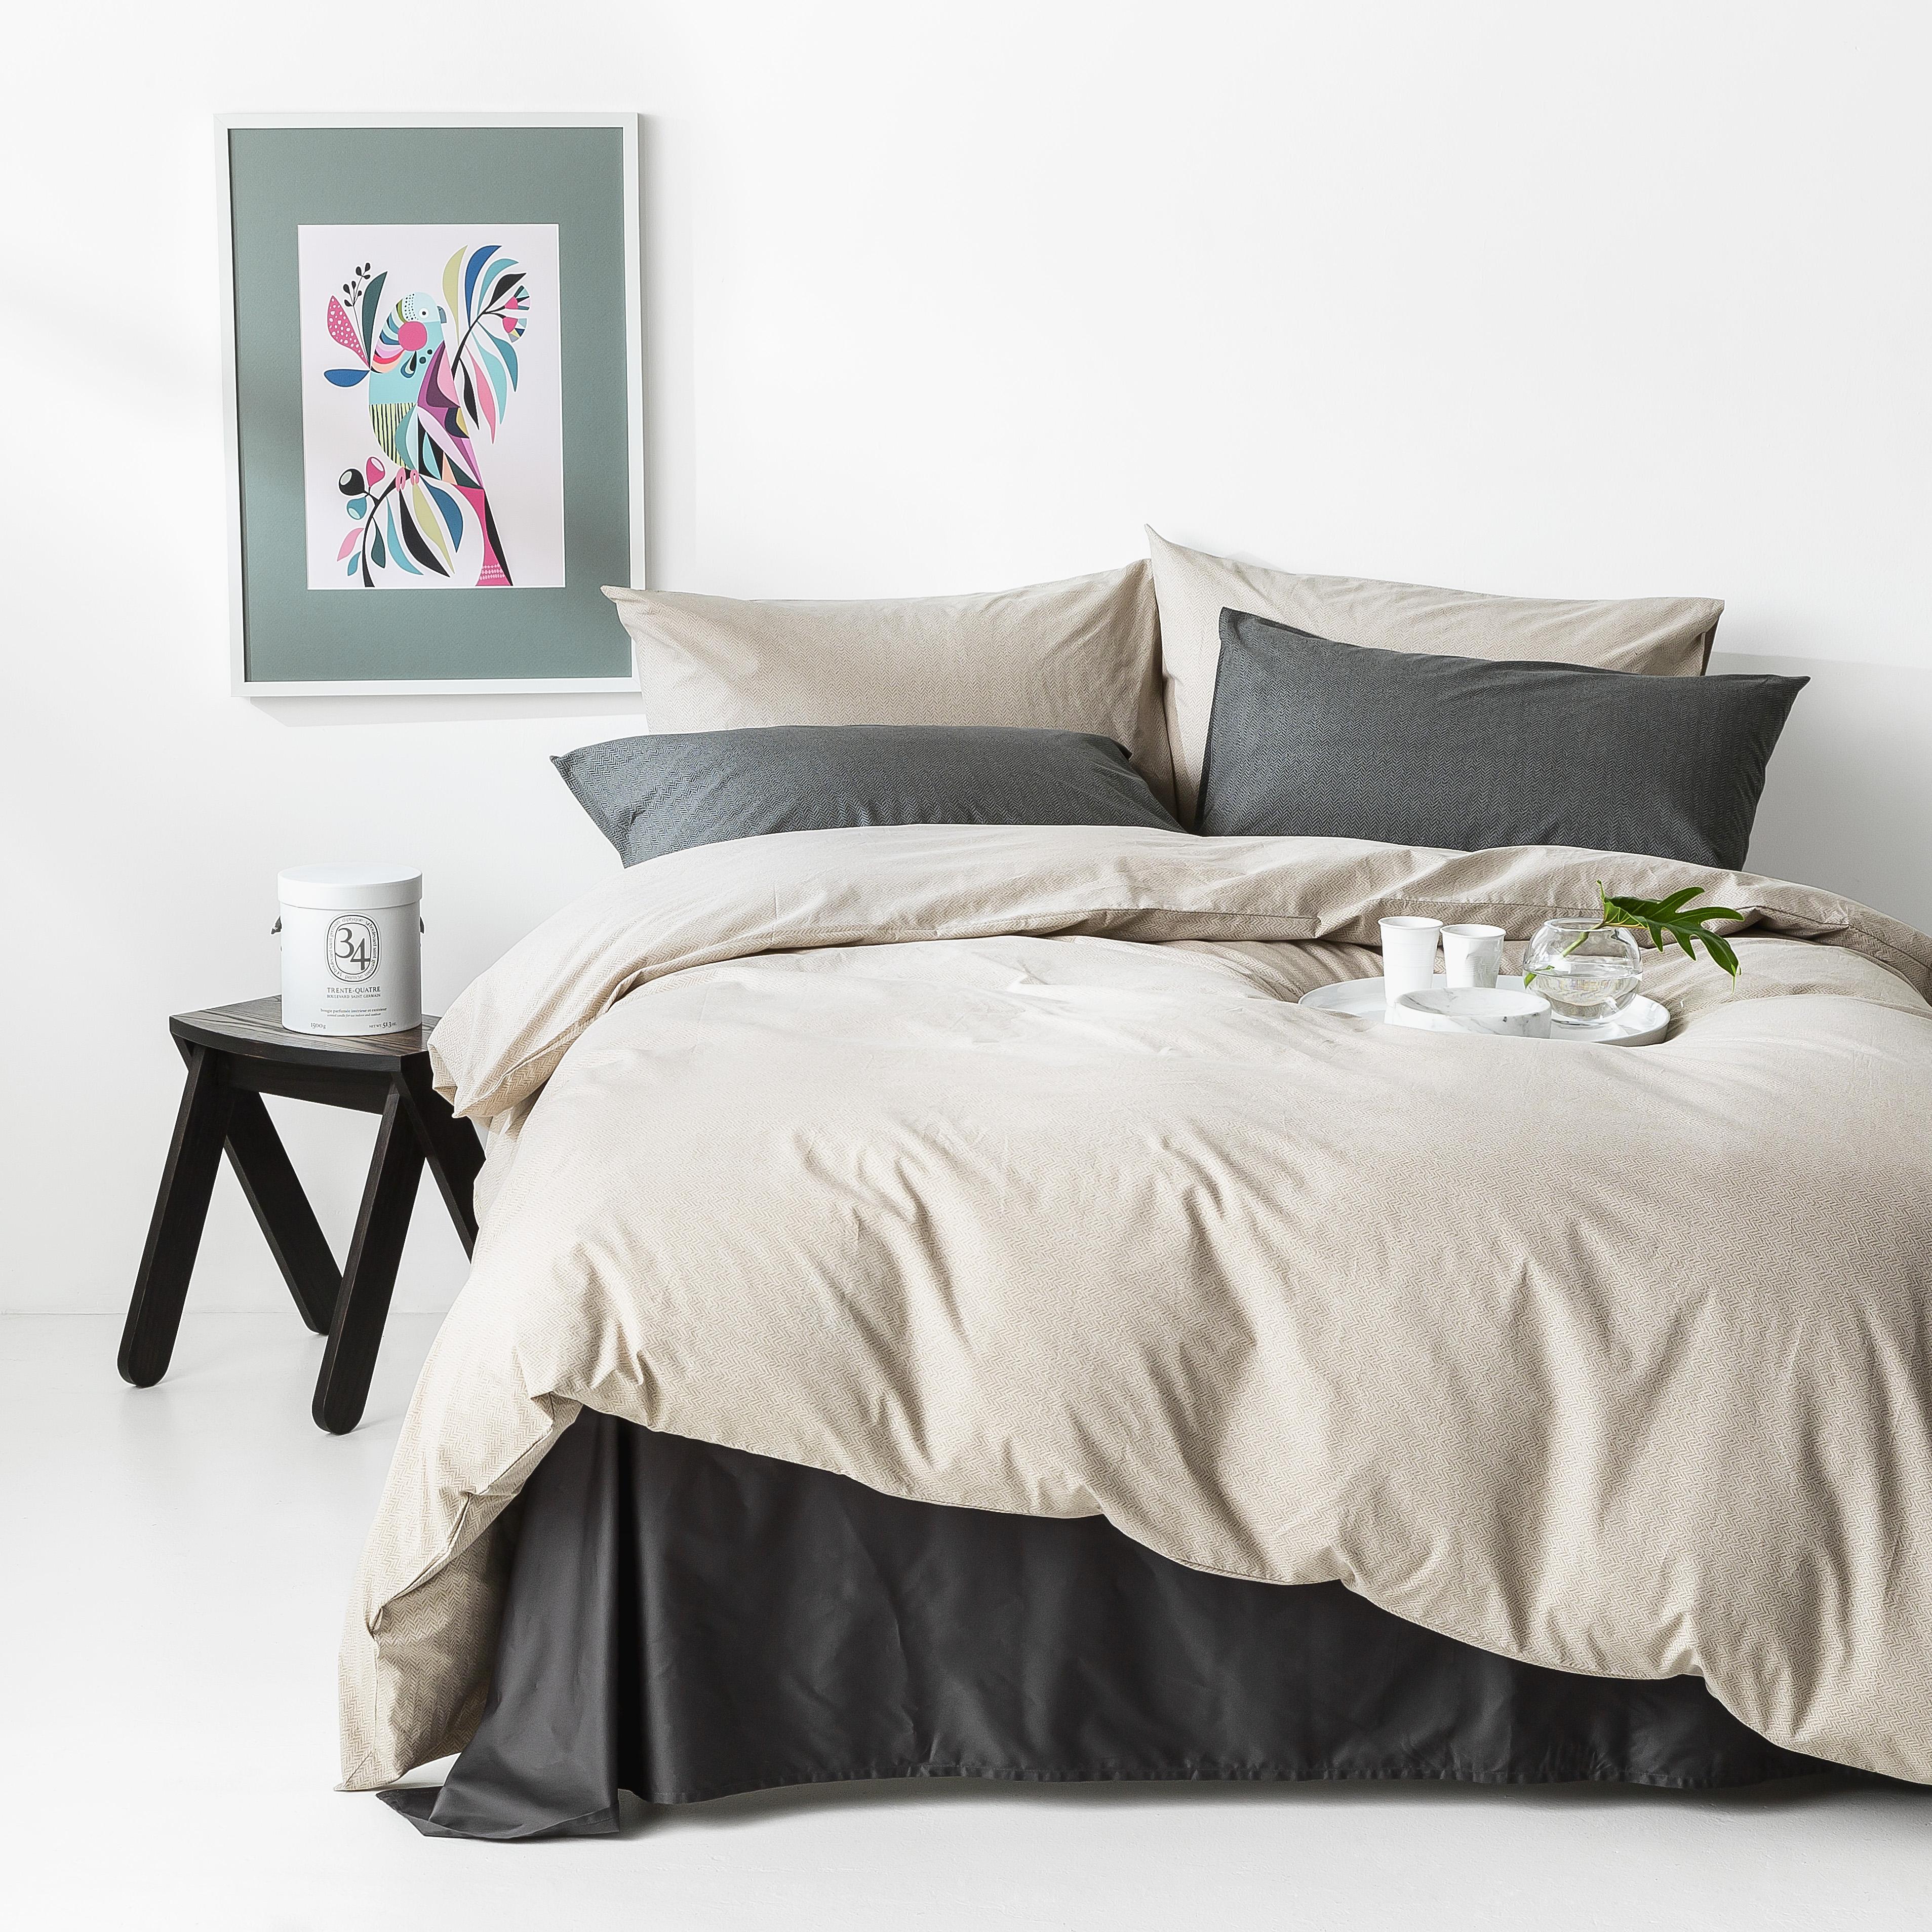 In2linen Herringbone print 100% Organic Cotton  Quilt Cover Set | Linen/Brown